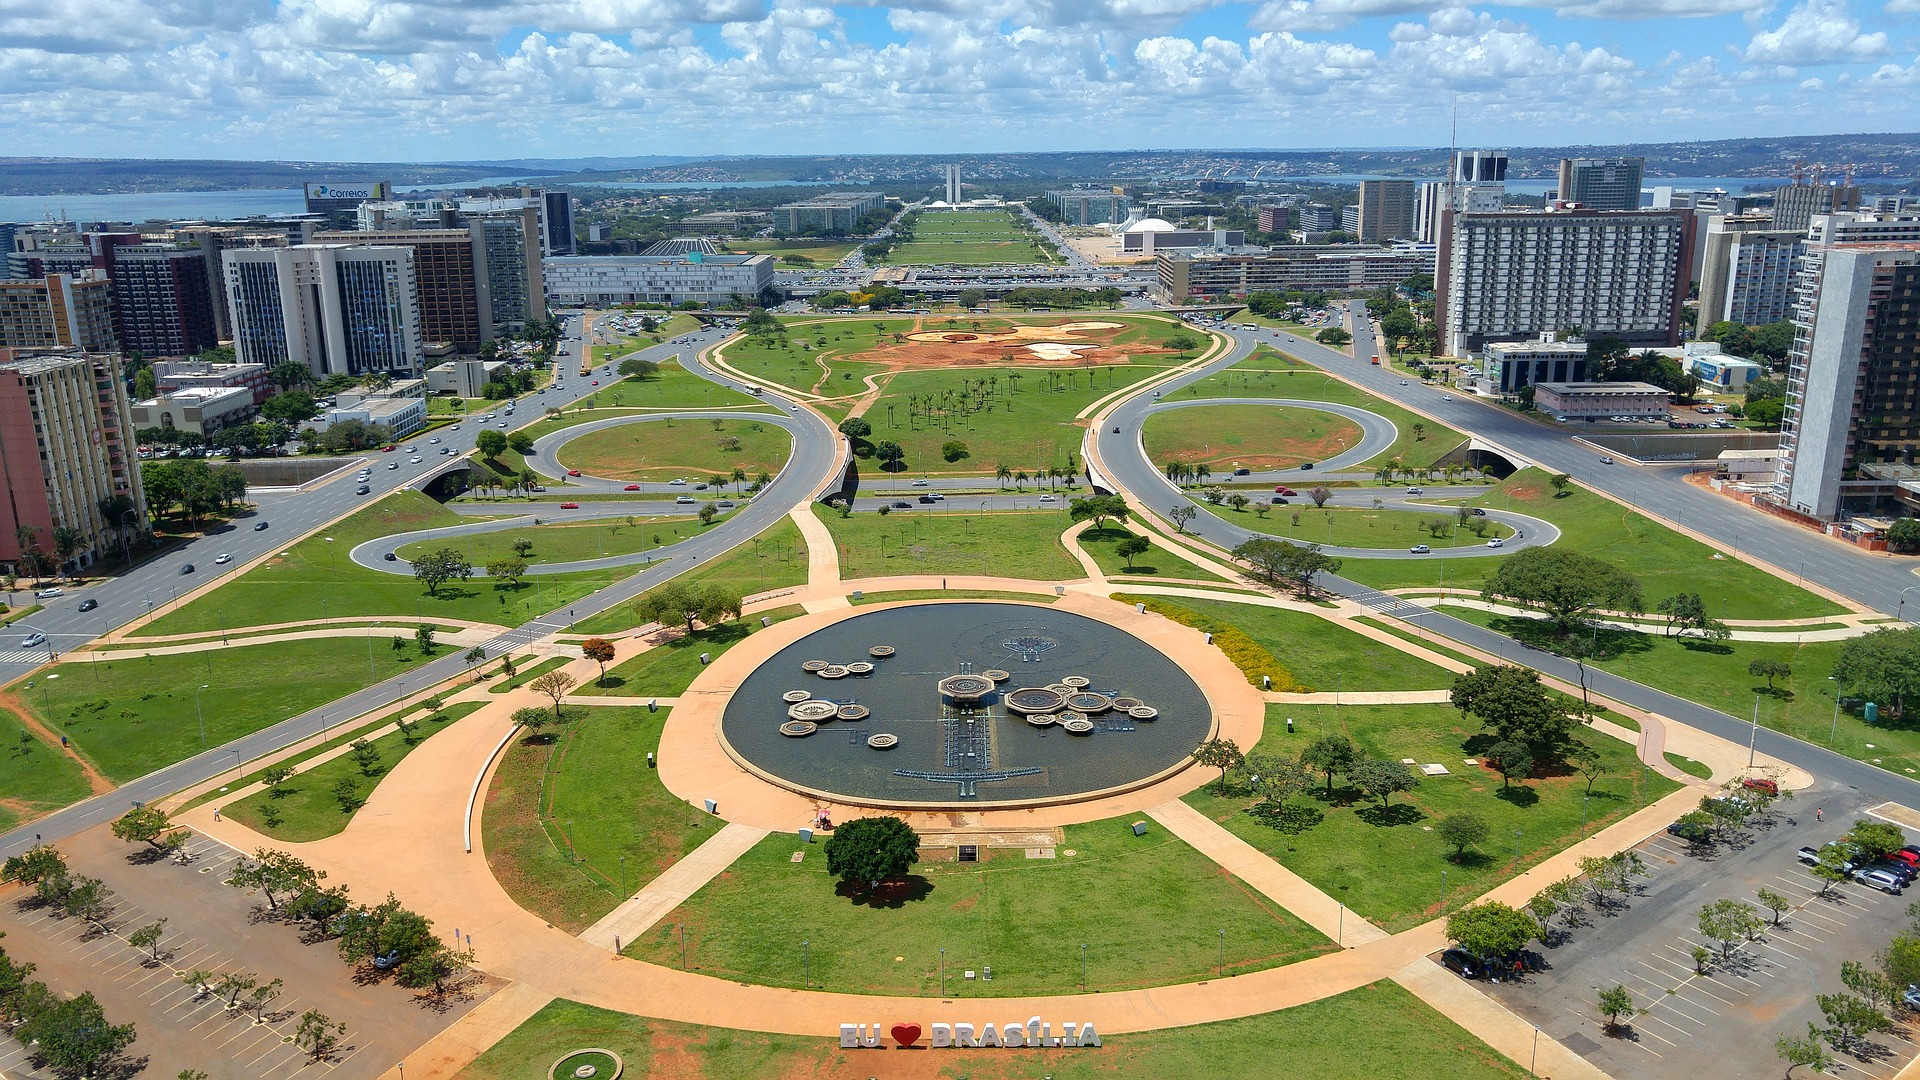 Cómo Brasilia usa la tecnología para desarrollar una gestión urbana inteligente